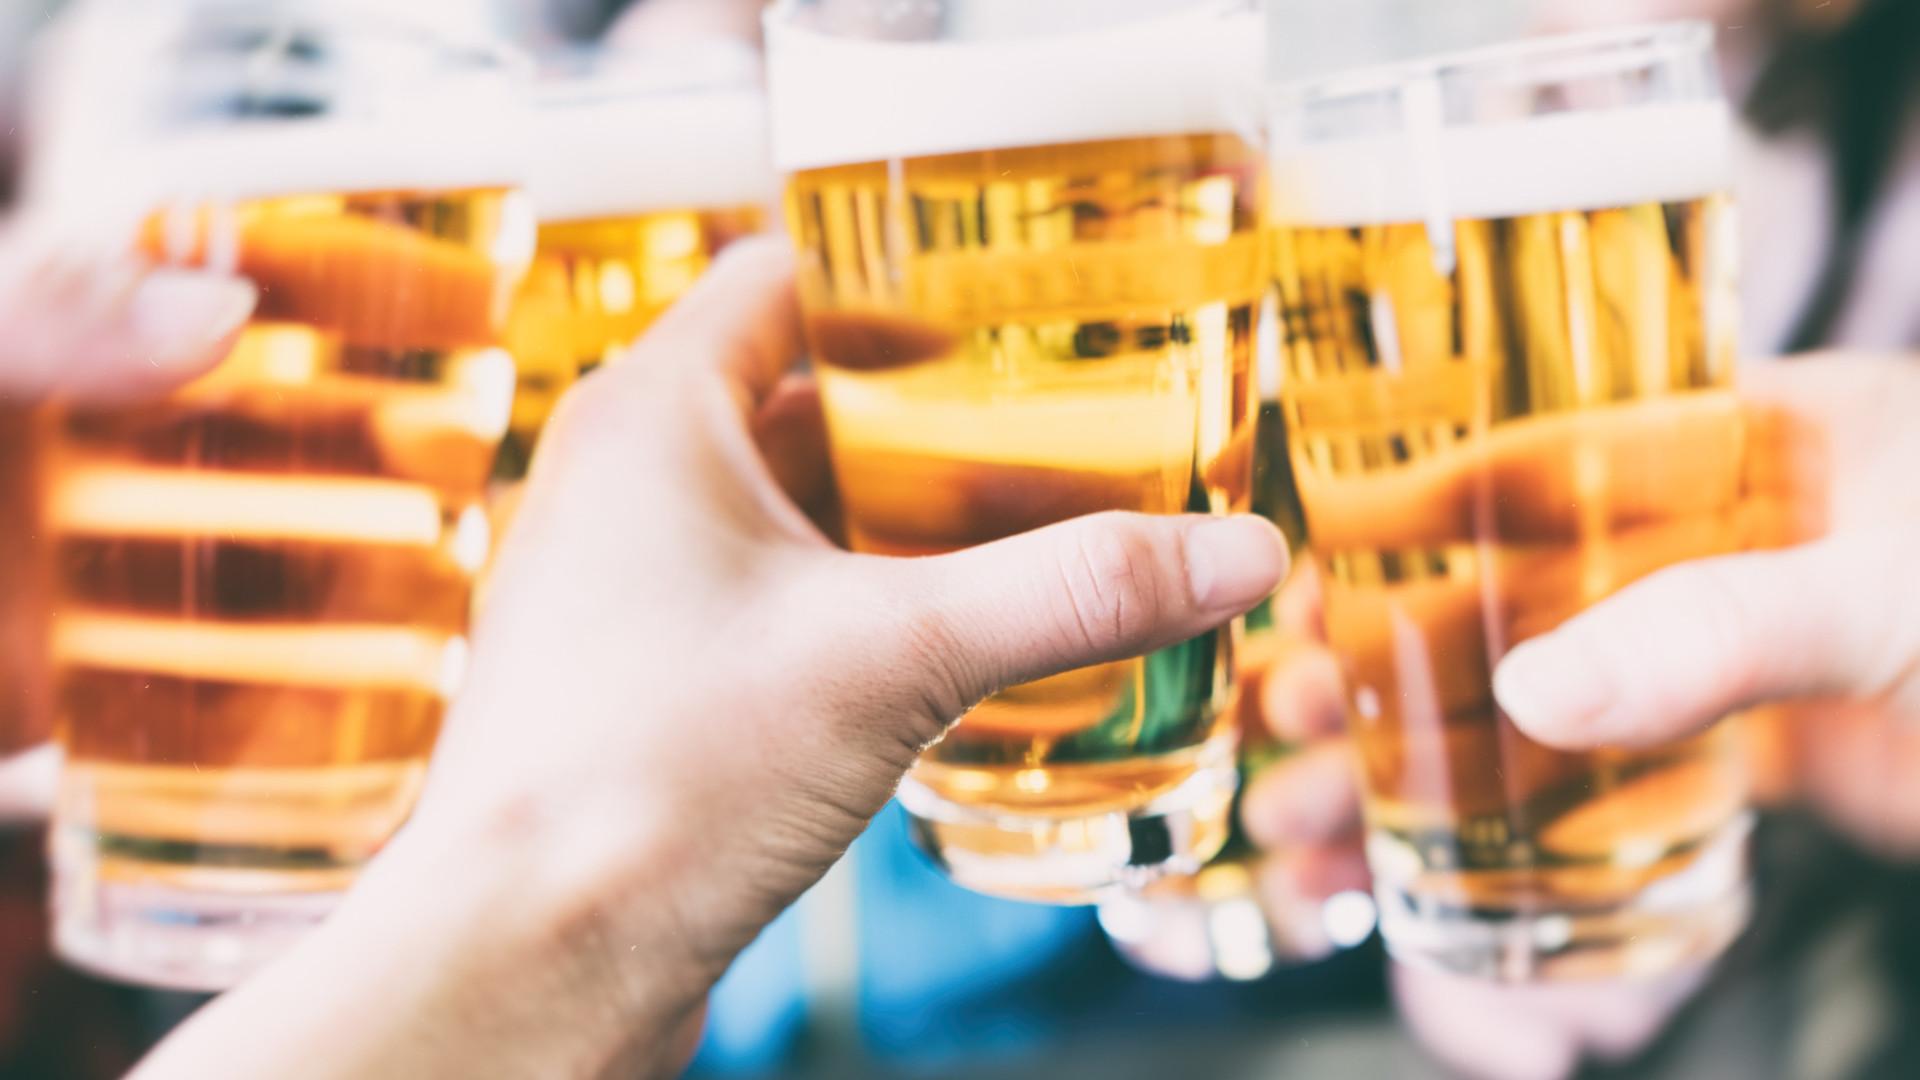 Pandemia reduz oferta de cervejas nos supermercados